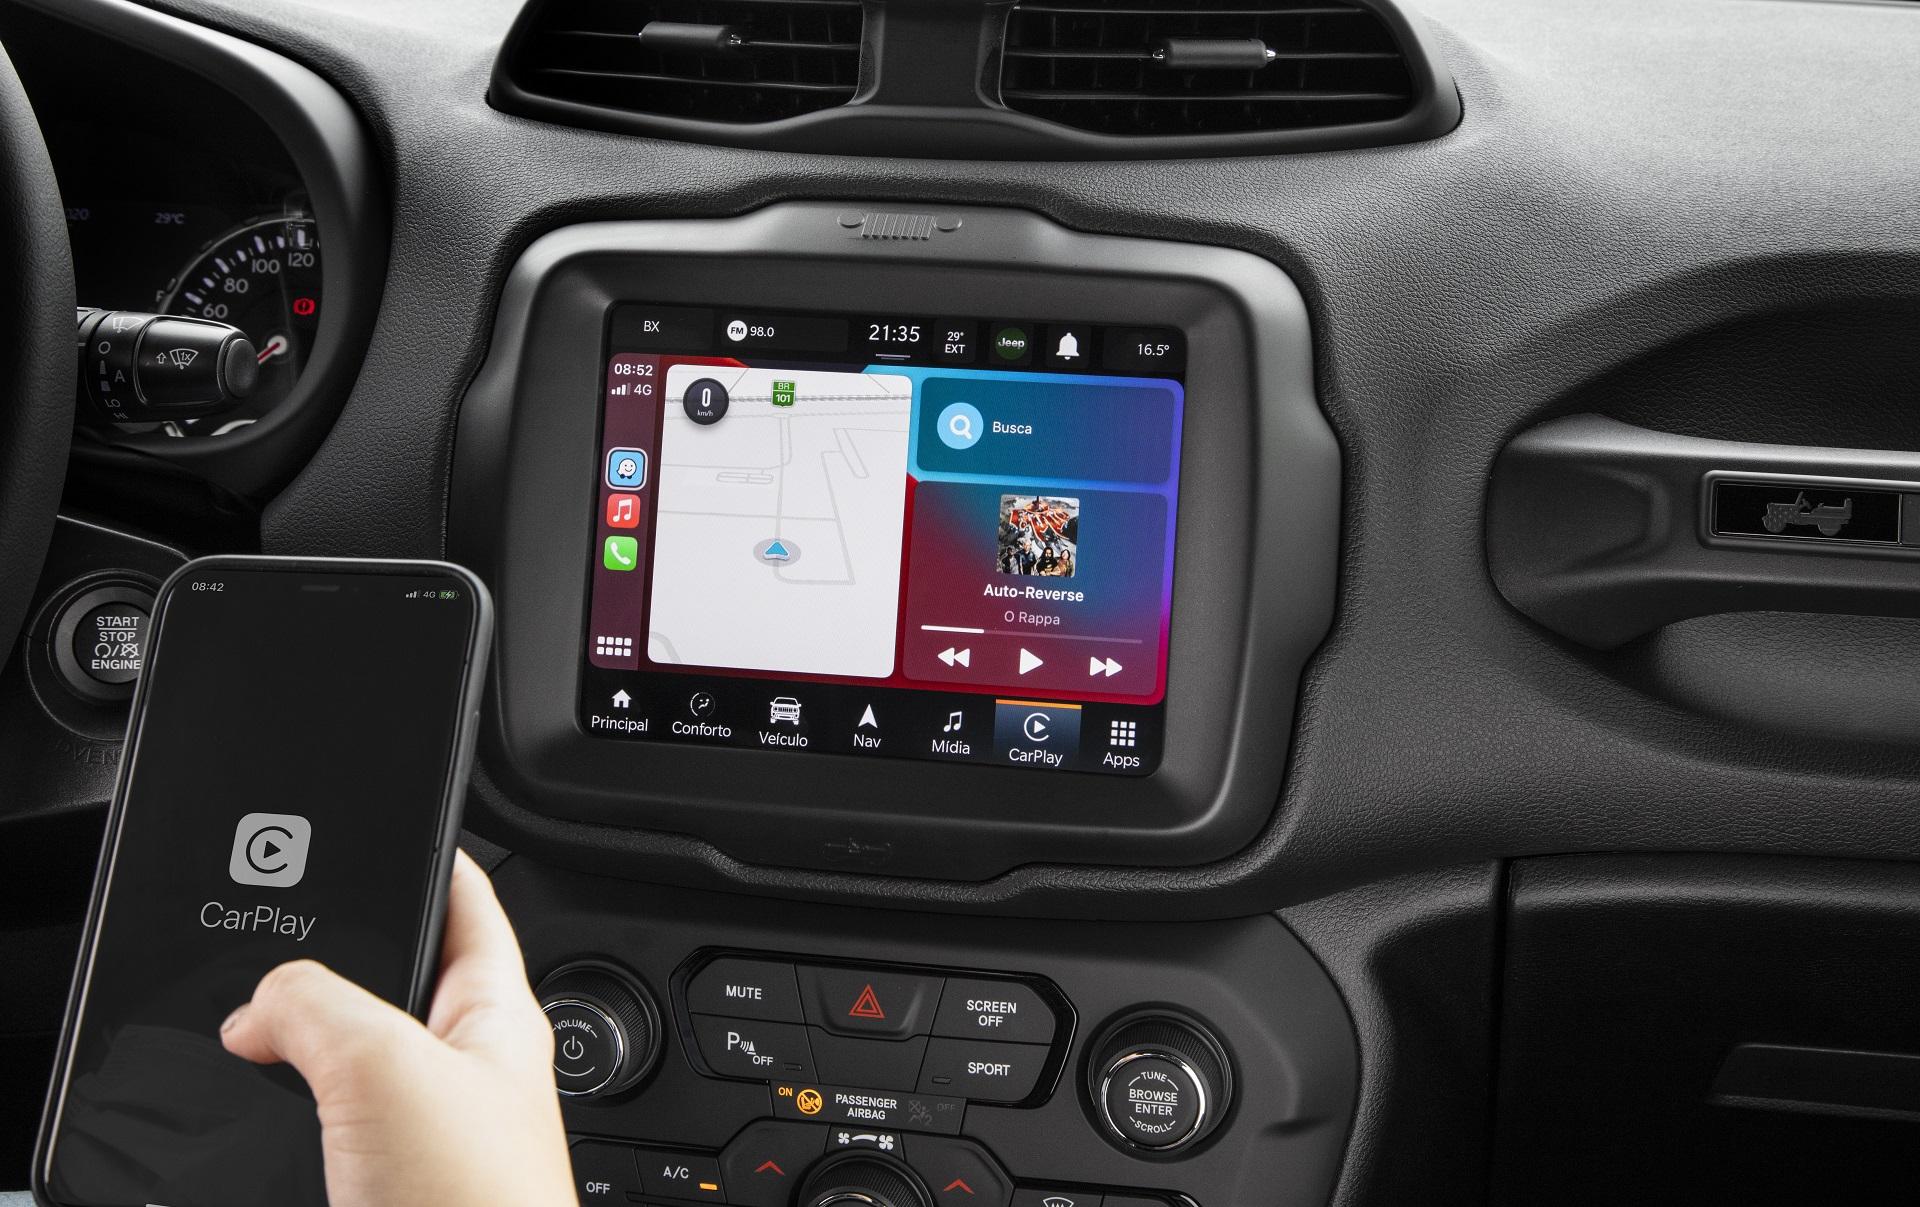 Nova central multimídia traz Android Auto e Apple Carplay em versões sem fio e roteia 4G da Tim para até oito dispositivos